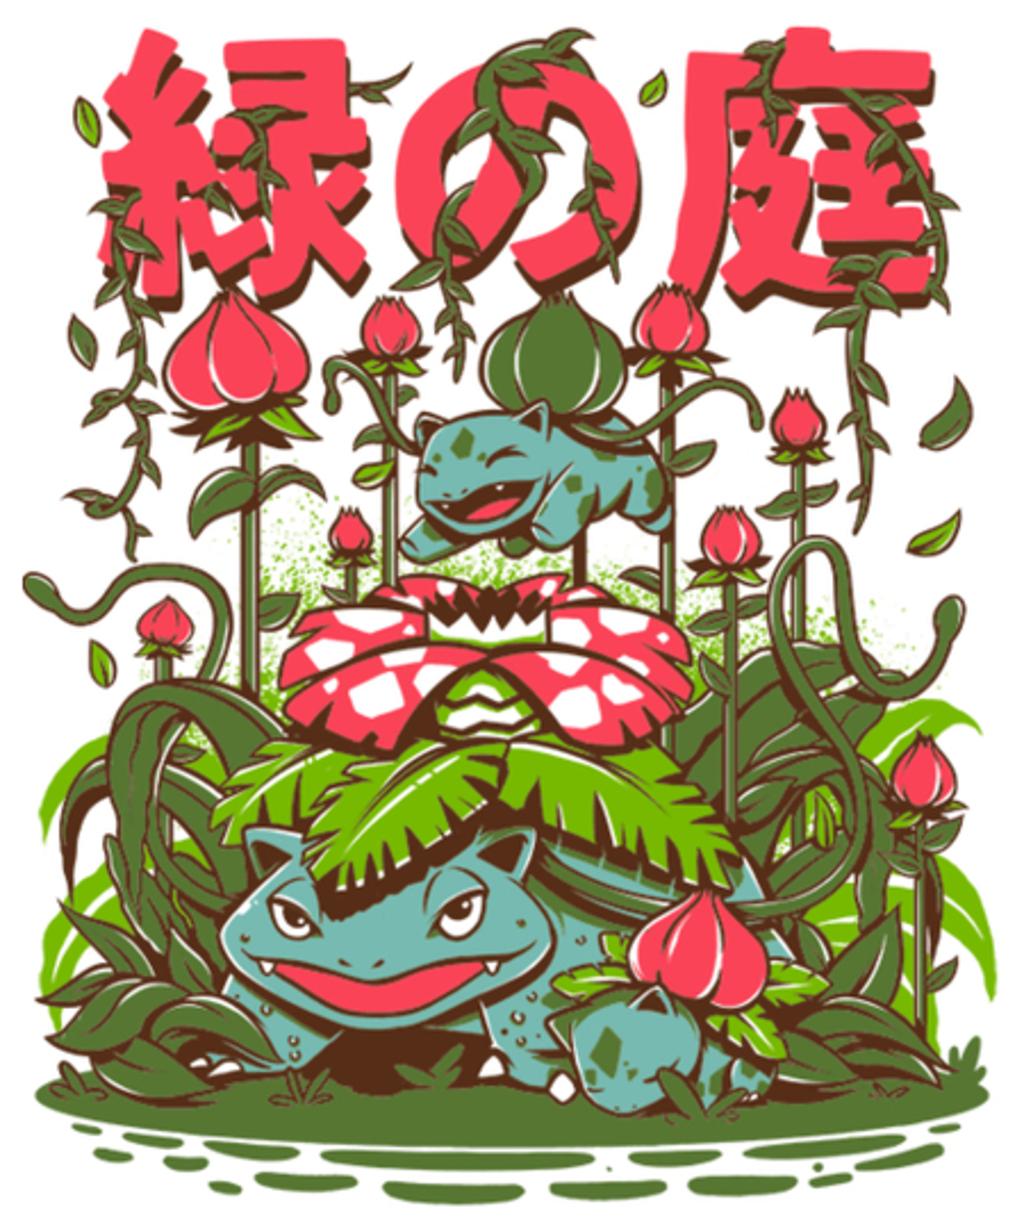 Qwertee: The Secret garden